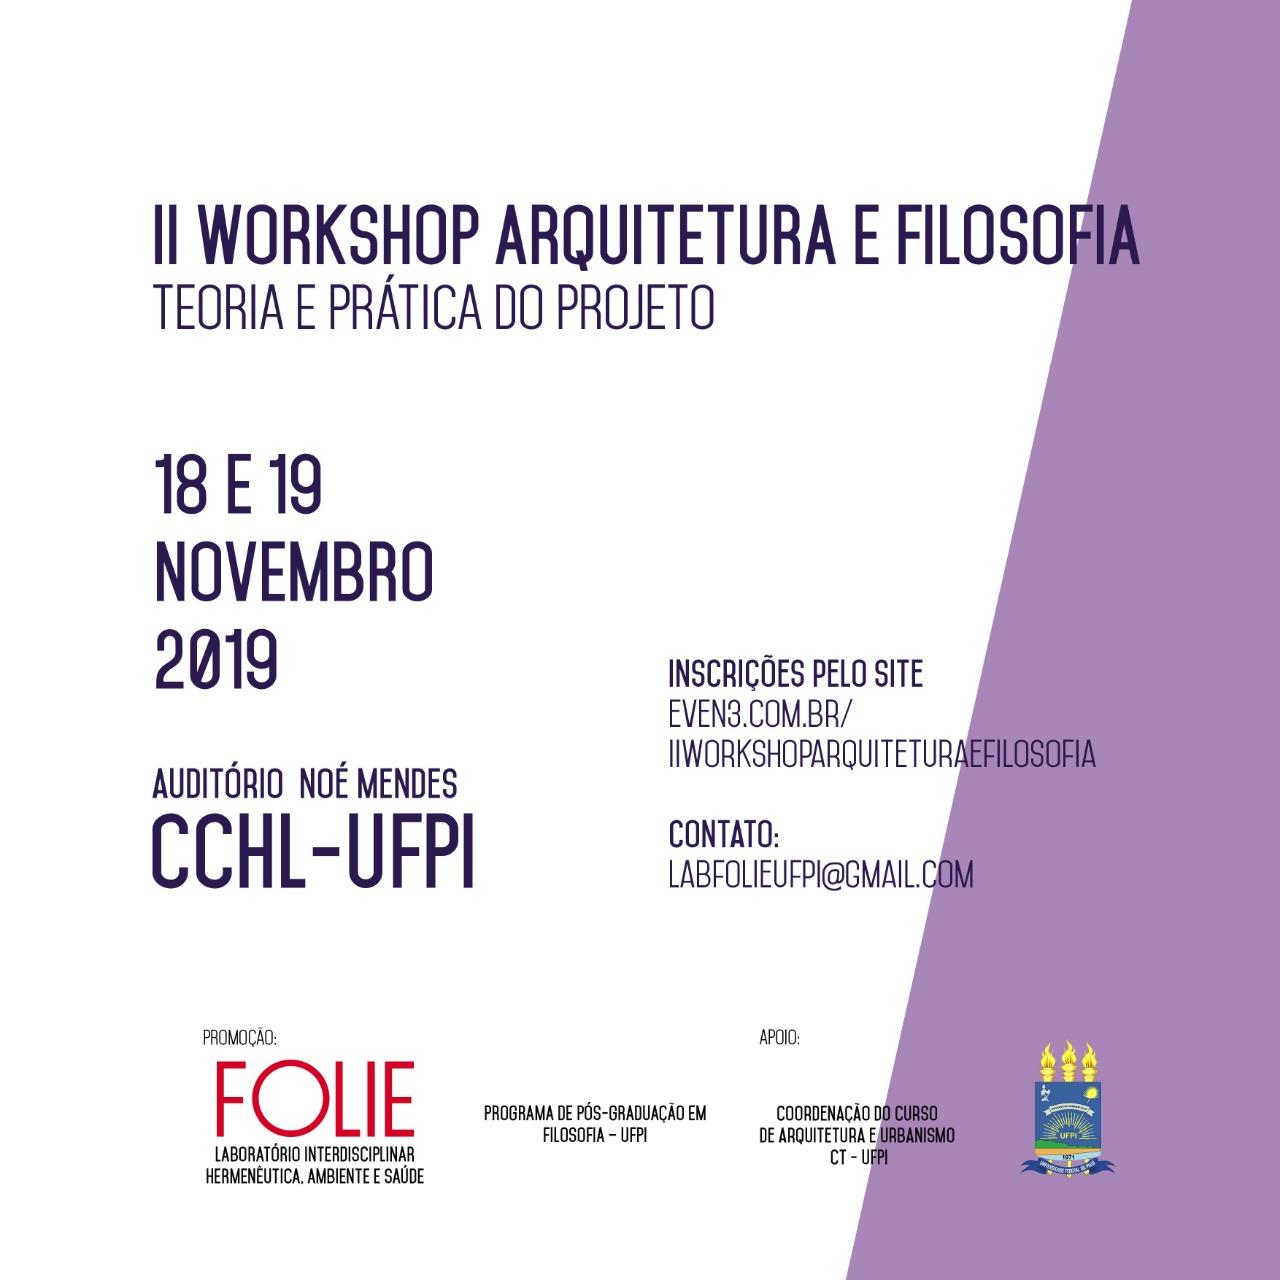 evento arquitetura e filosofia20191029094023